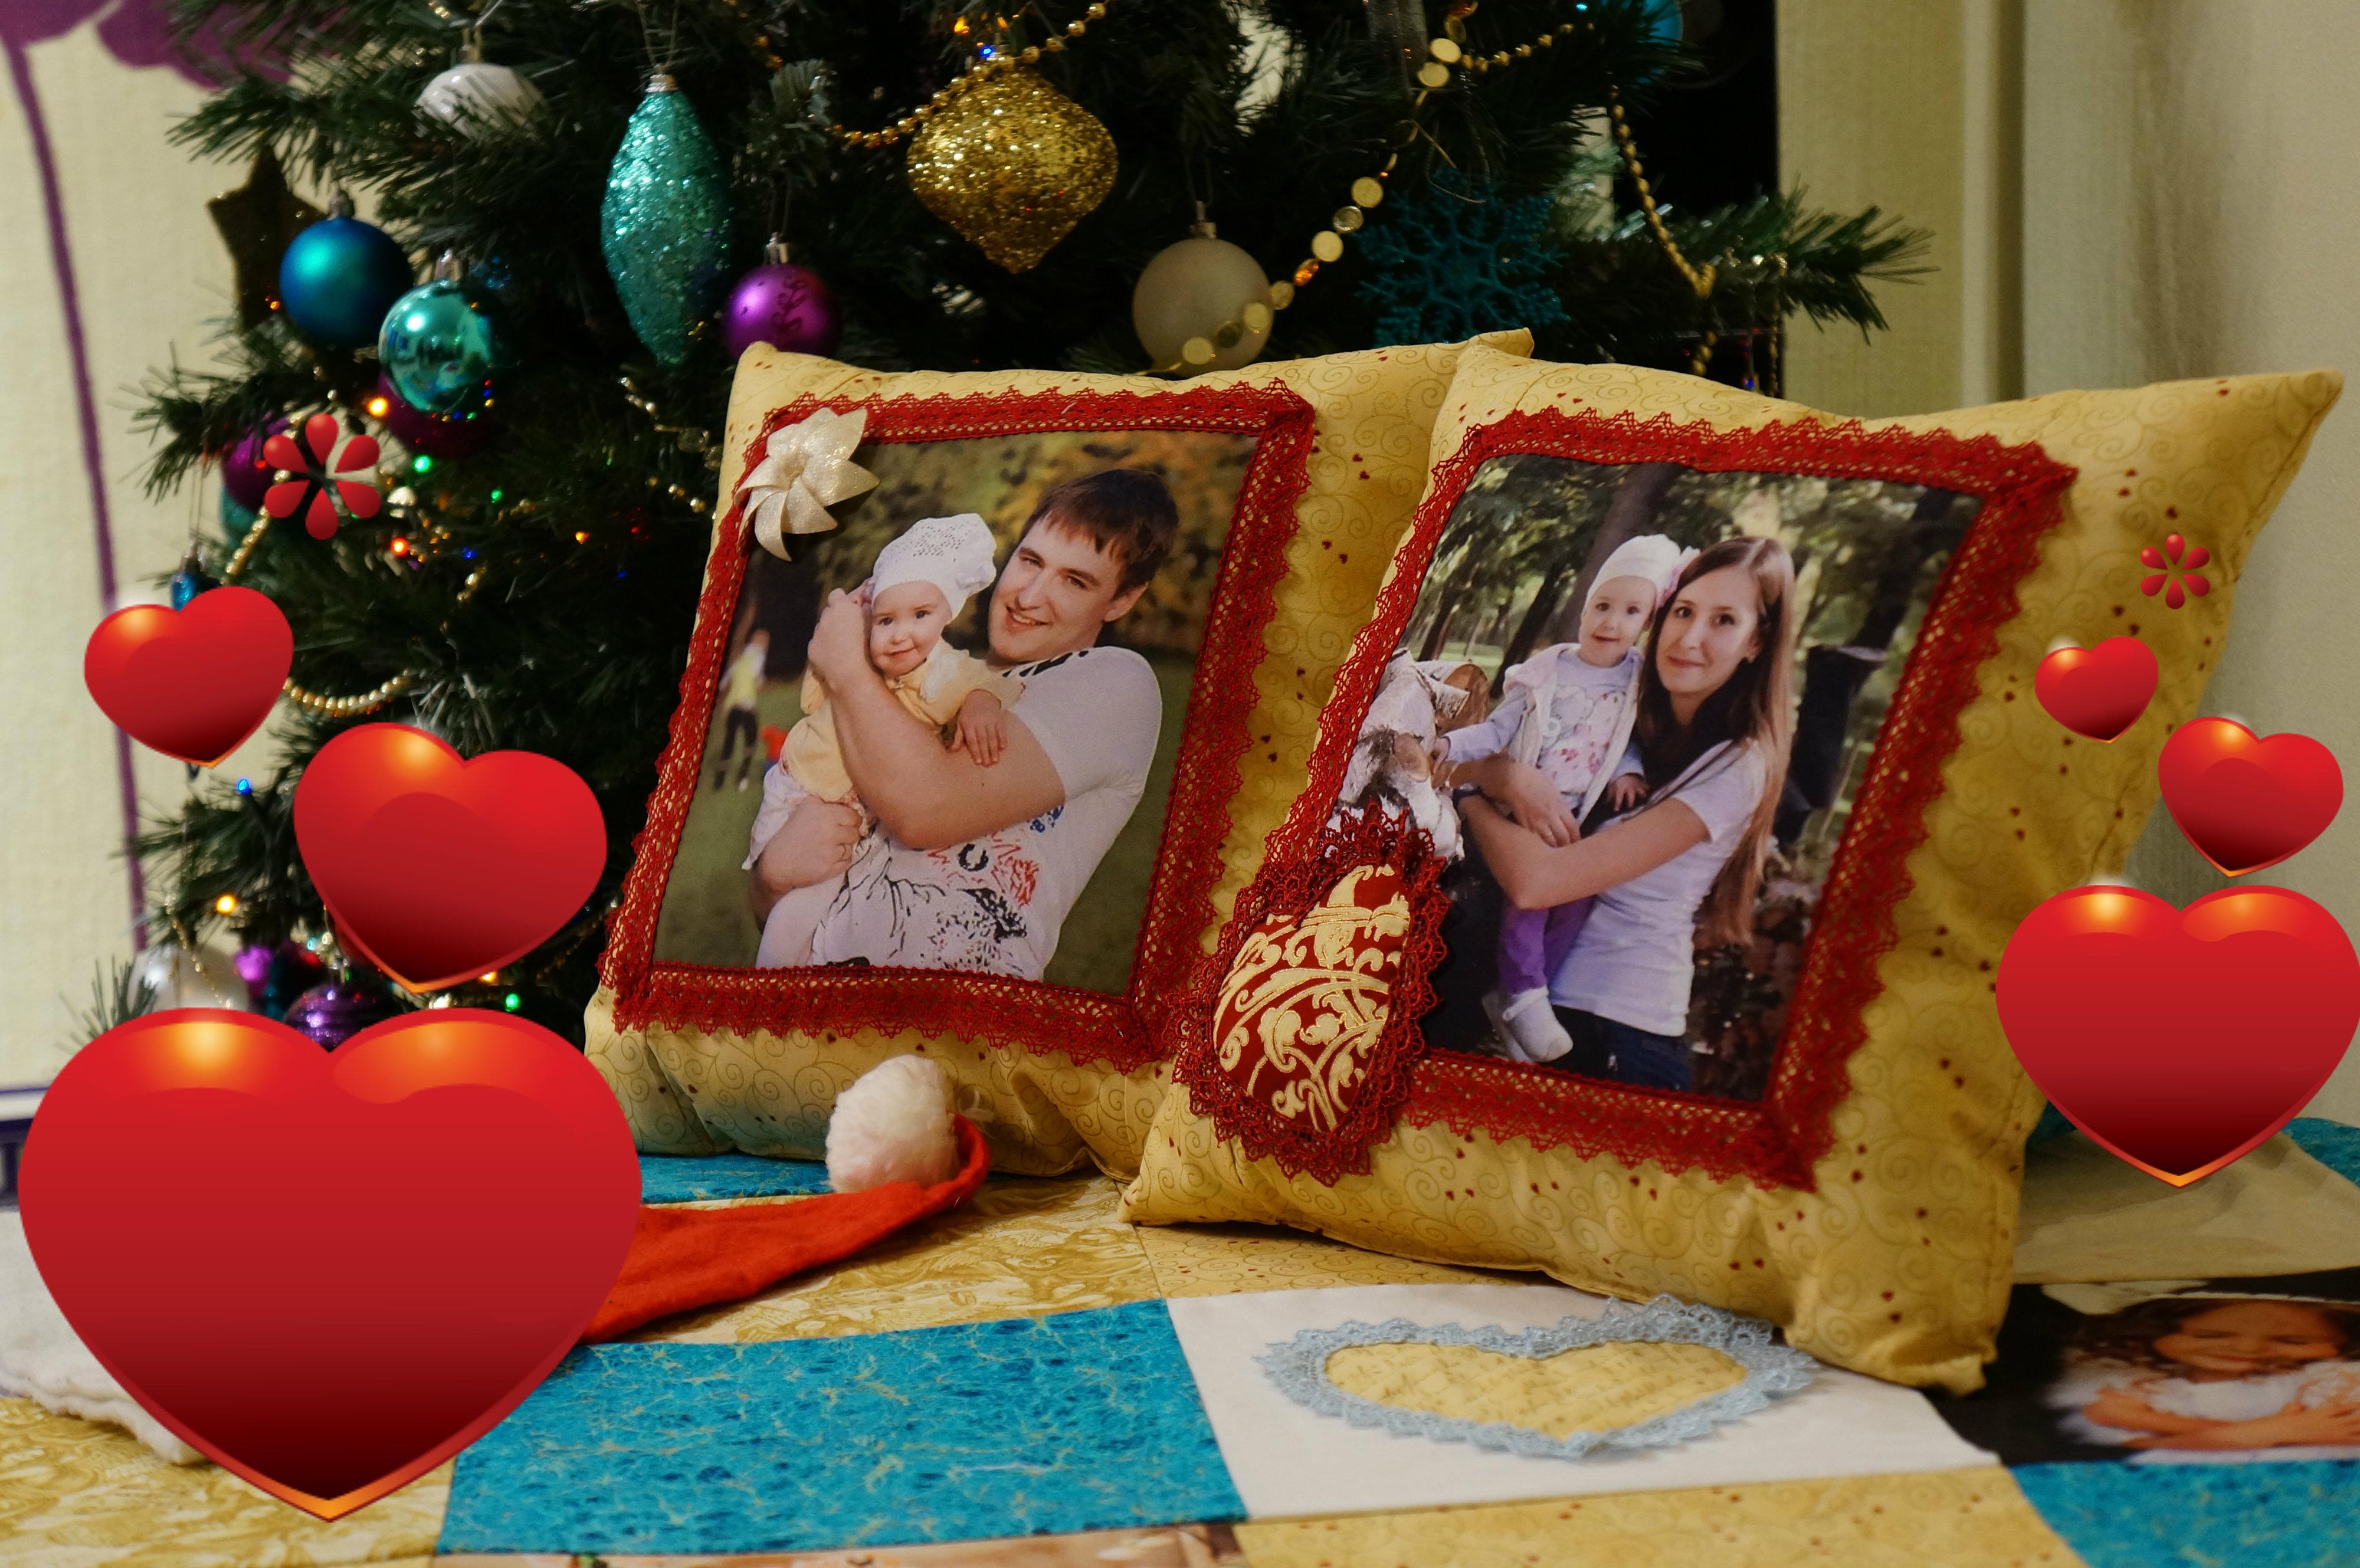 Подарки с фотографиями на заказ в твери